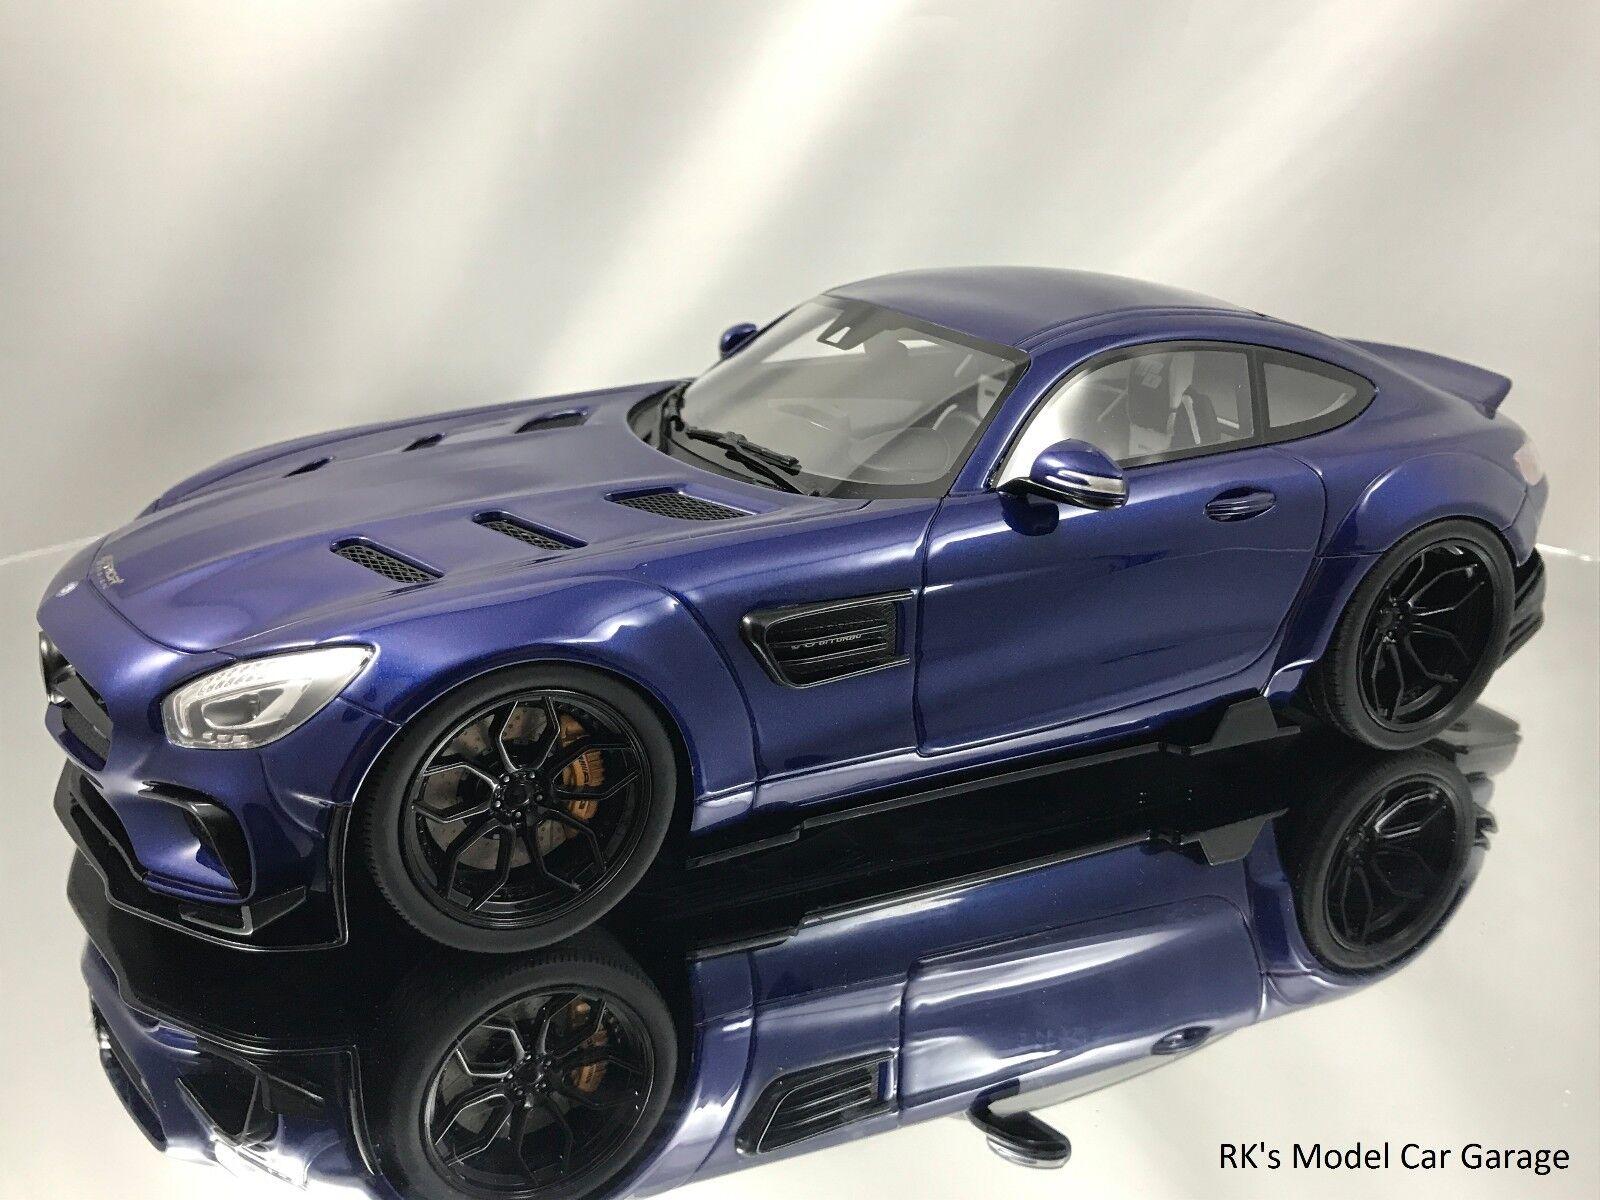 GT Spirit Mercedes Benz AMG GT S Coupe C150 modificado por antes de Diseño Azul